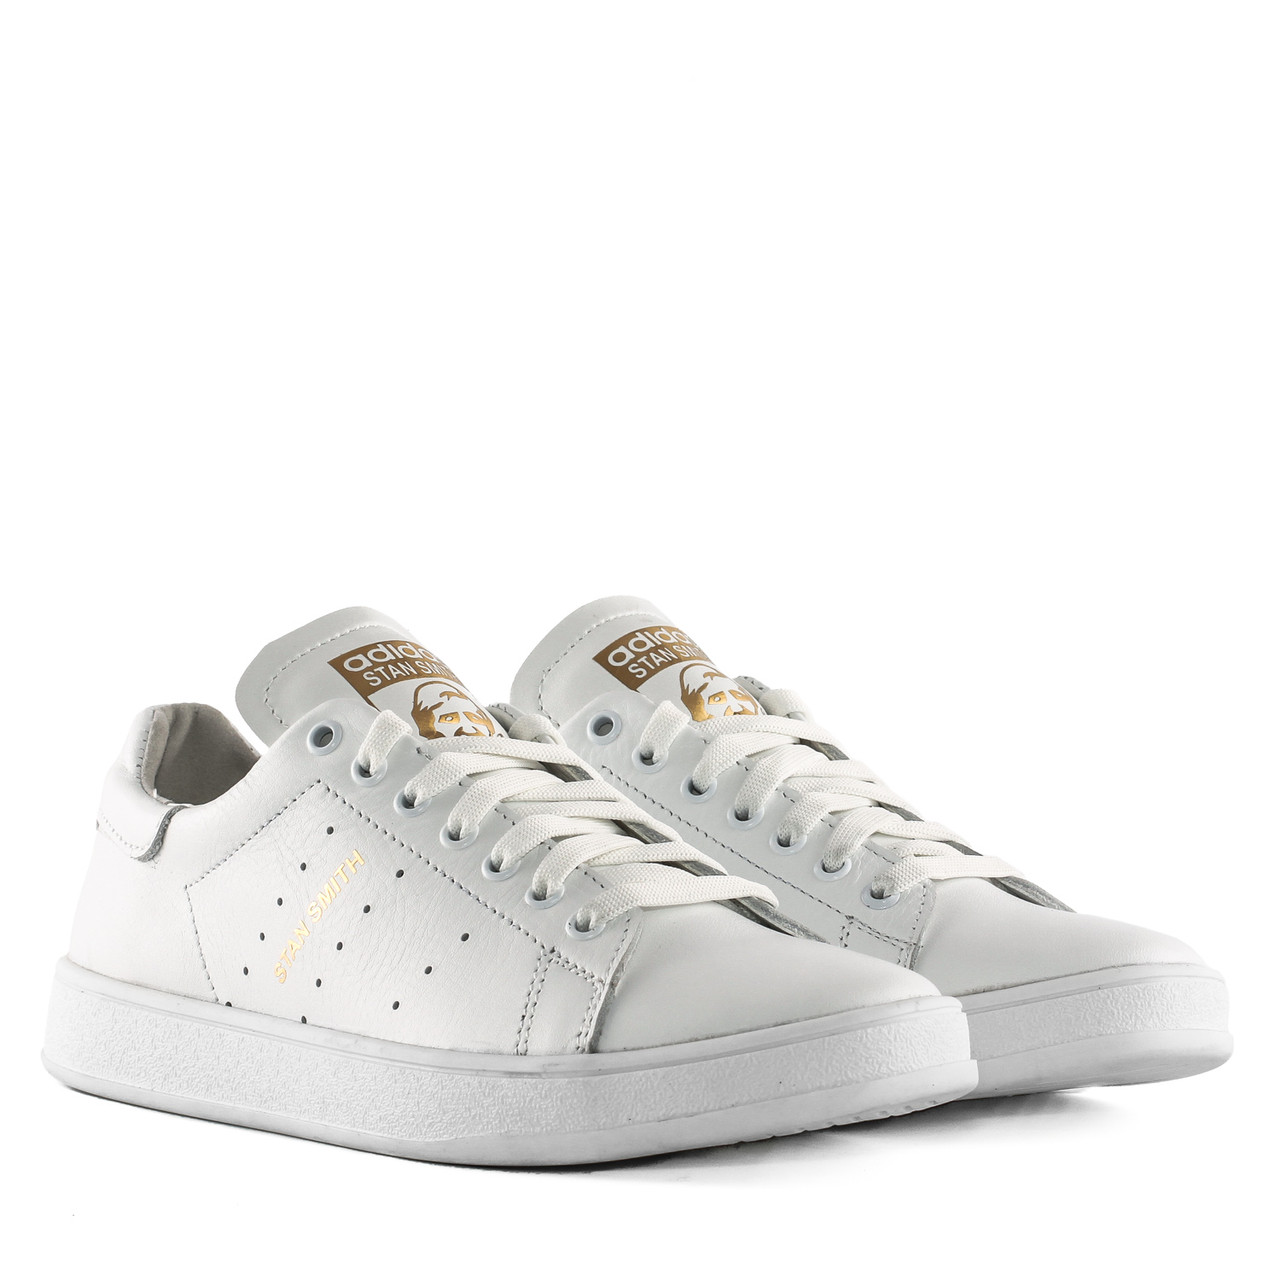 e0e0a669 Купить Кеды женские Benz (кожаные, белые, на шнурках, модные) 38 ...